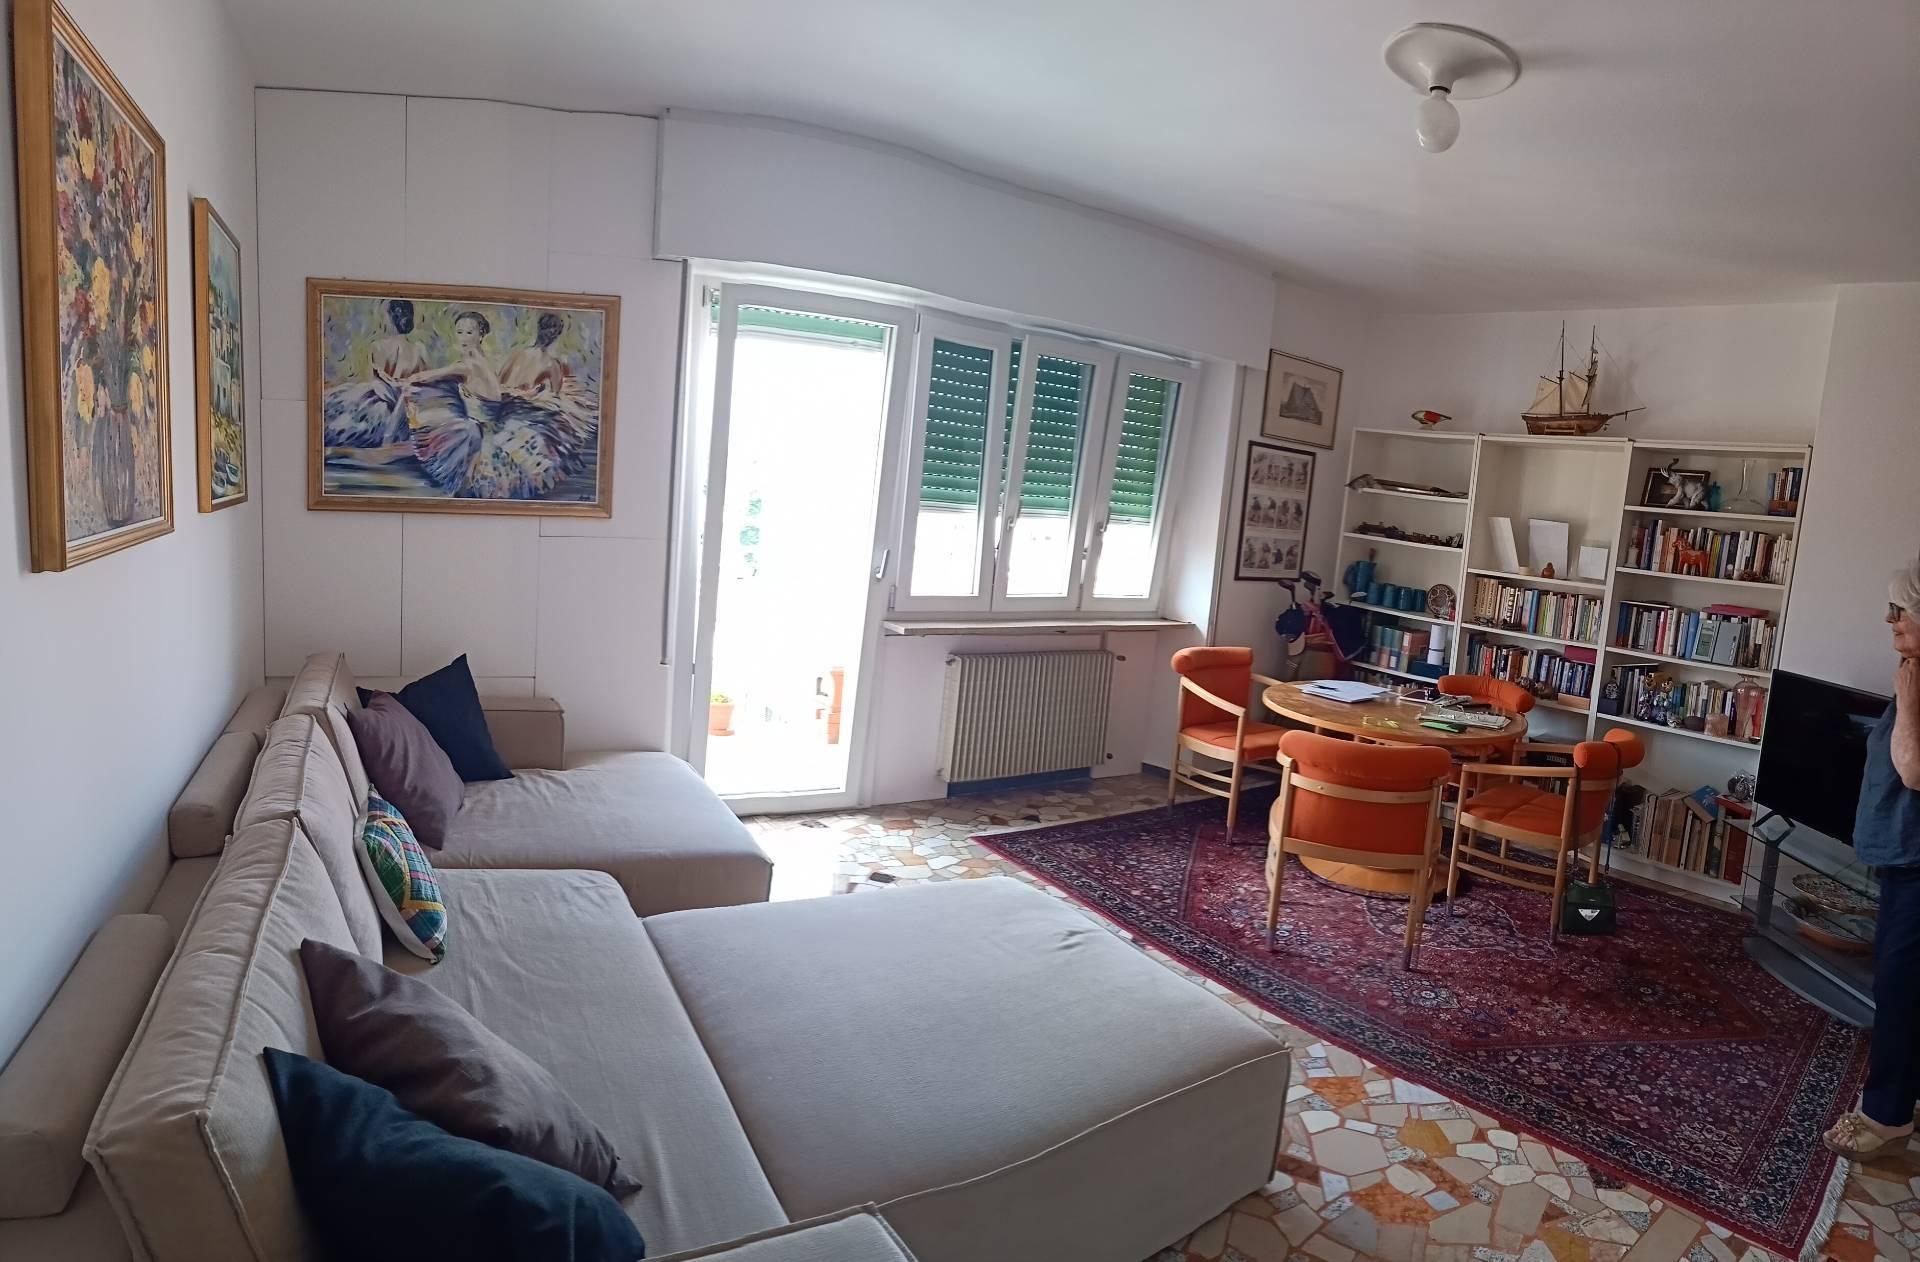 Appartamento in vendita a Udine, 4 locali, zona Località: BORGOSTAZIONE, prezzo € 88.000   CambioCasa.it